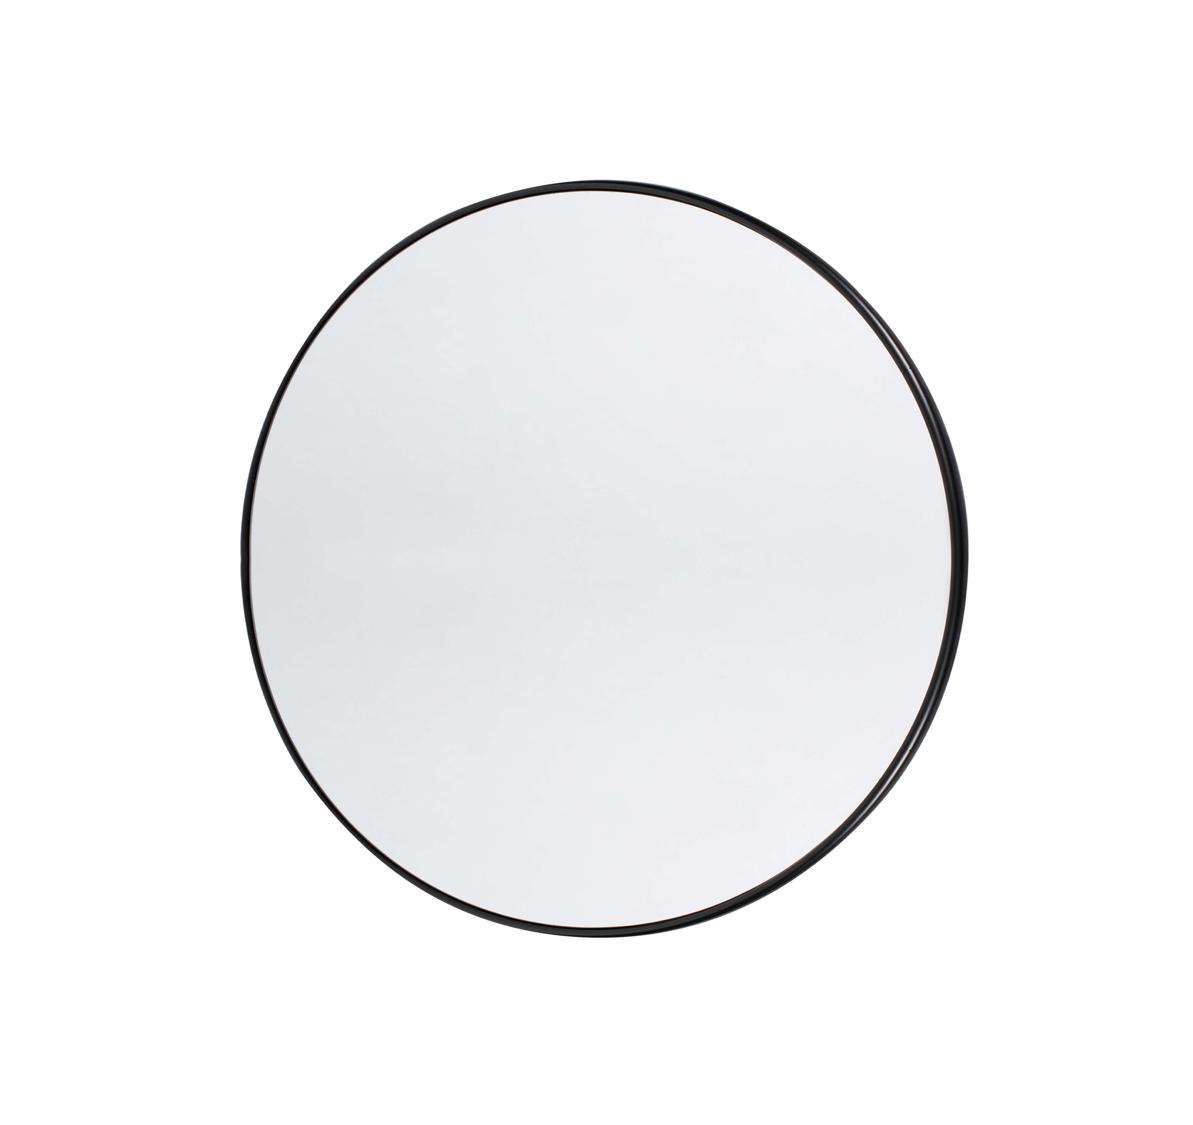 круг рисунок шаблон чтобы изображения